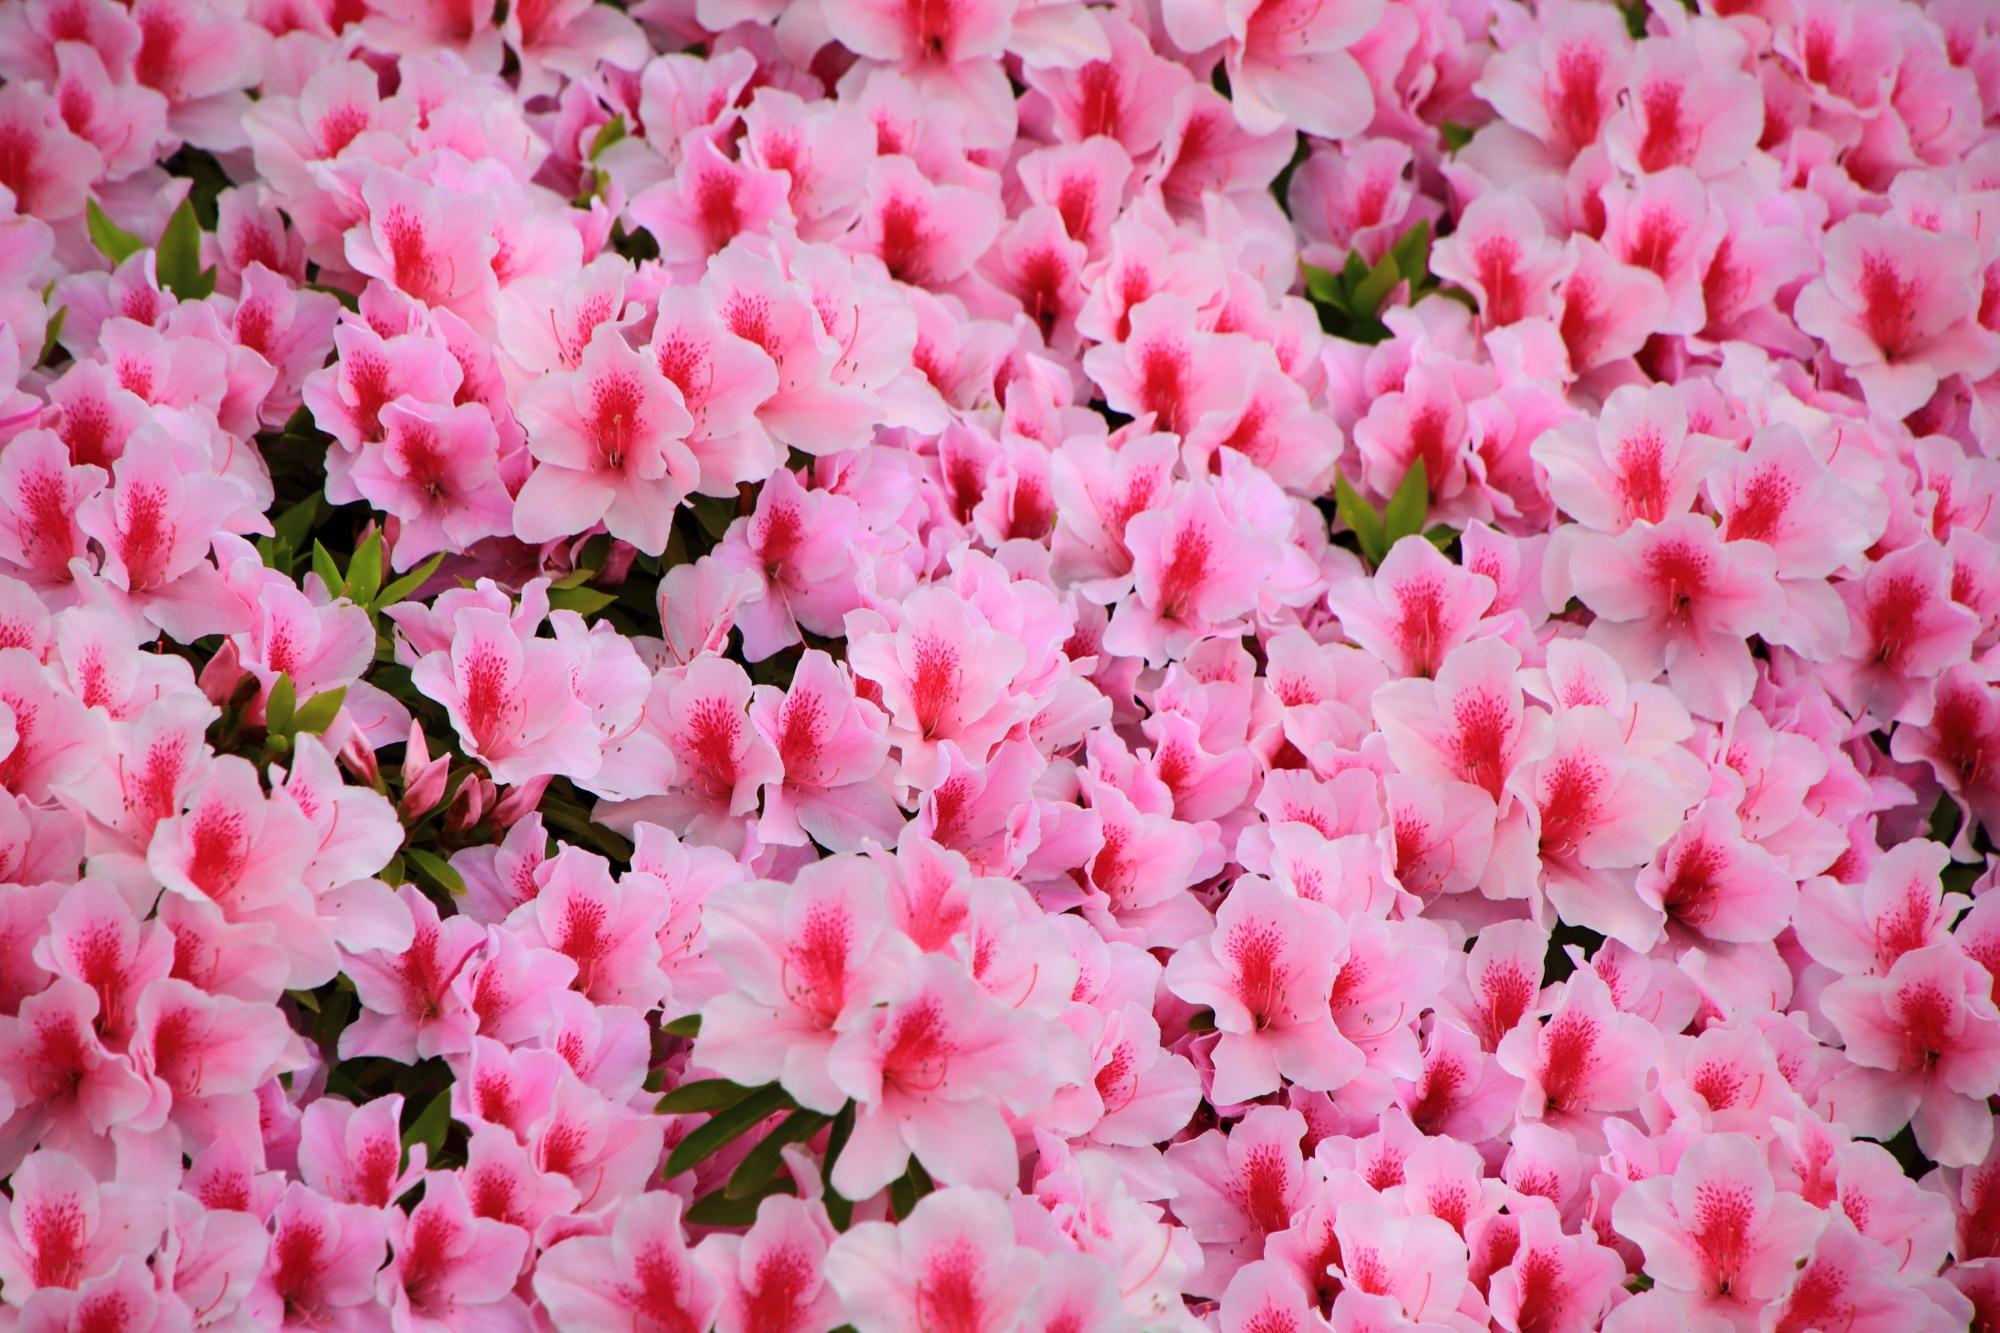 眩しく華やかな春色につつまれる神泉苑(しんせんえん)